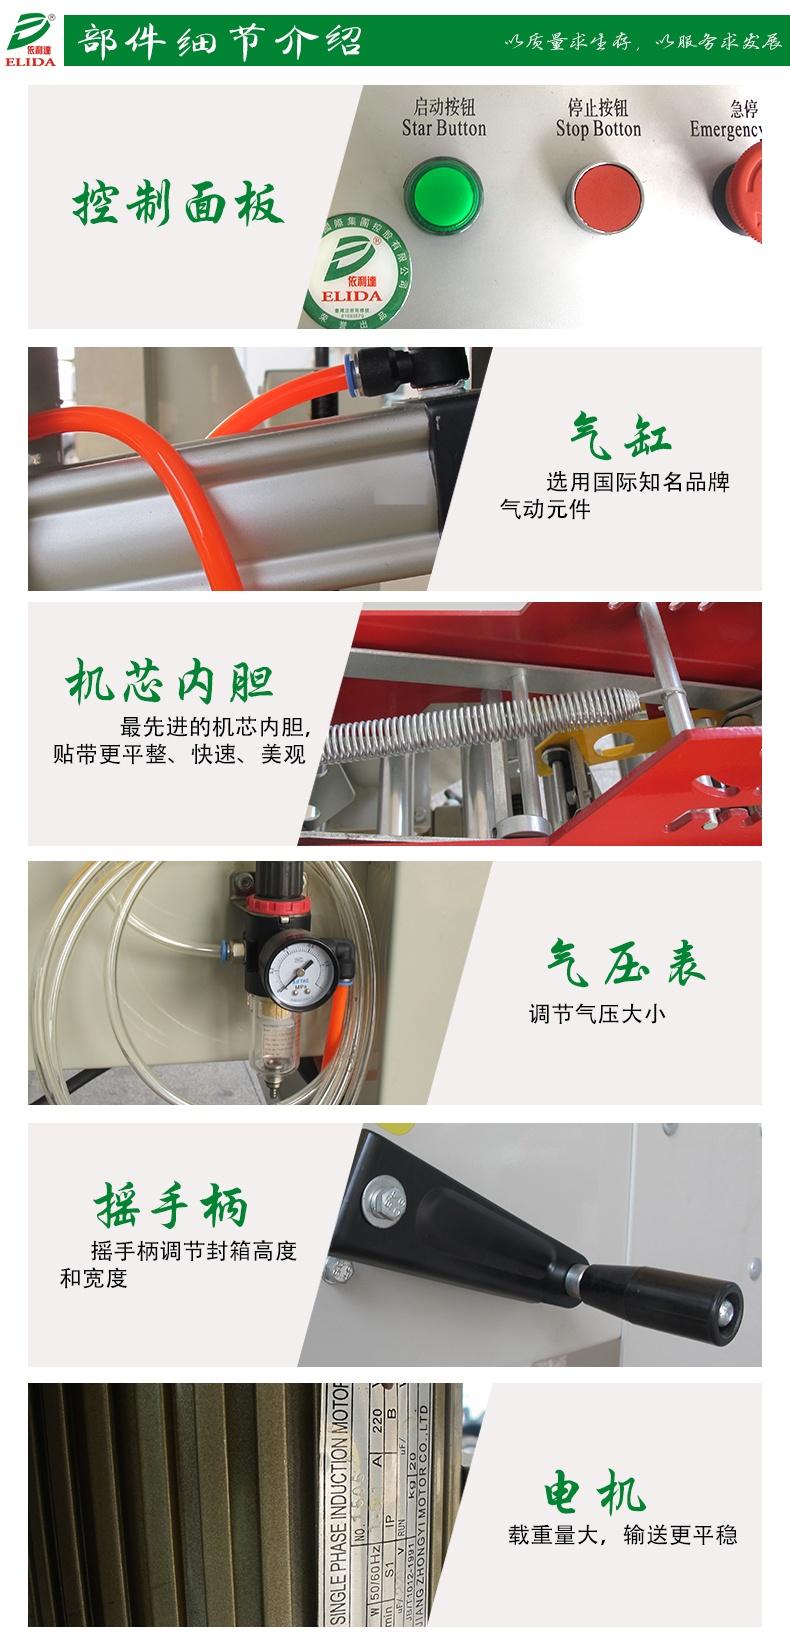 惠州依利達自動紙箱成型機 佛山高明自動折蓋封箱機72224895